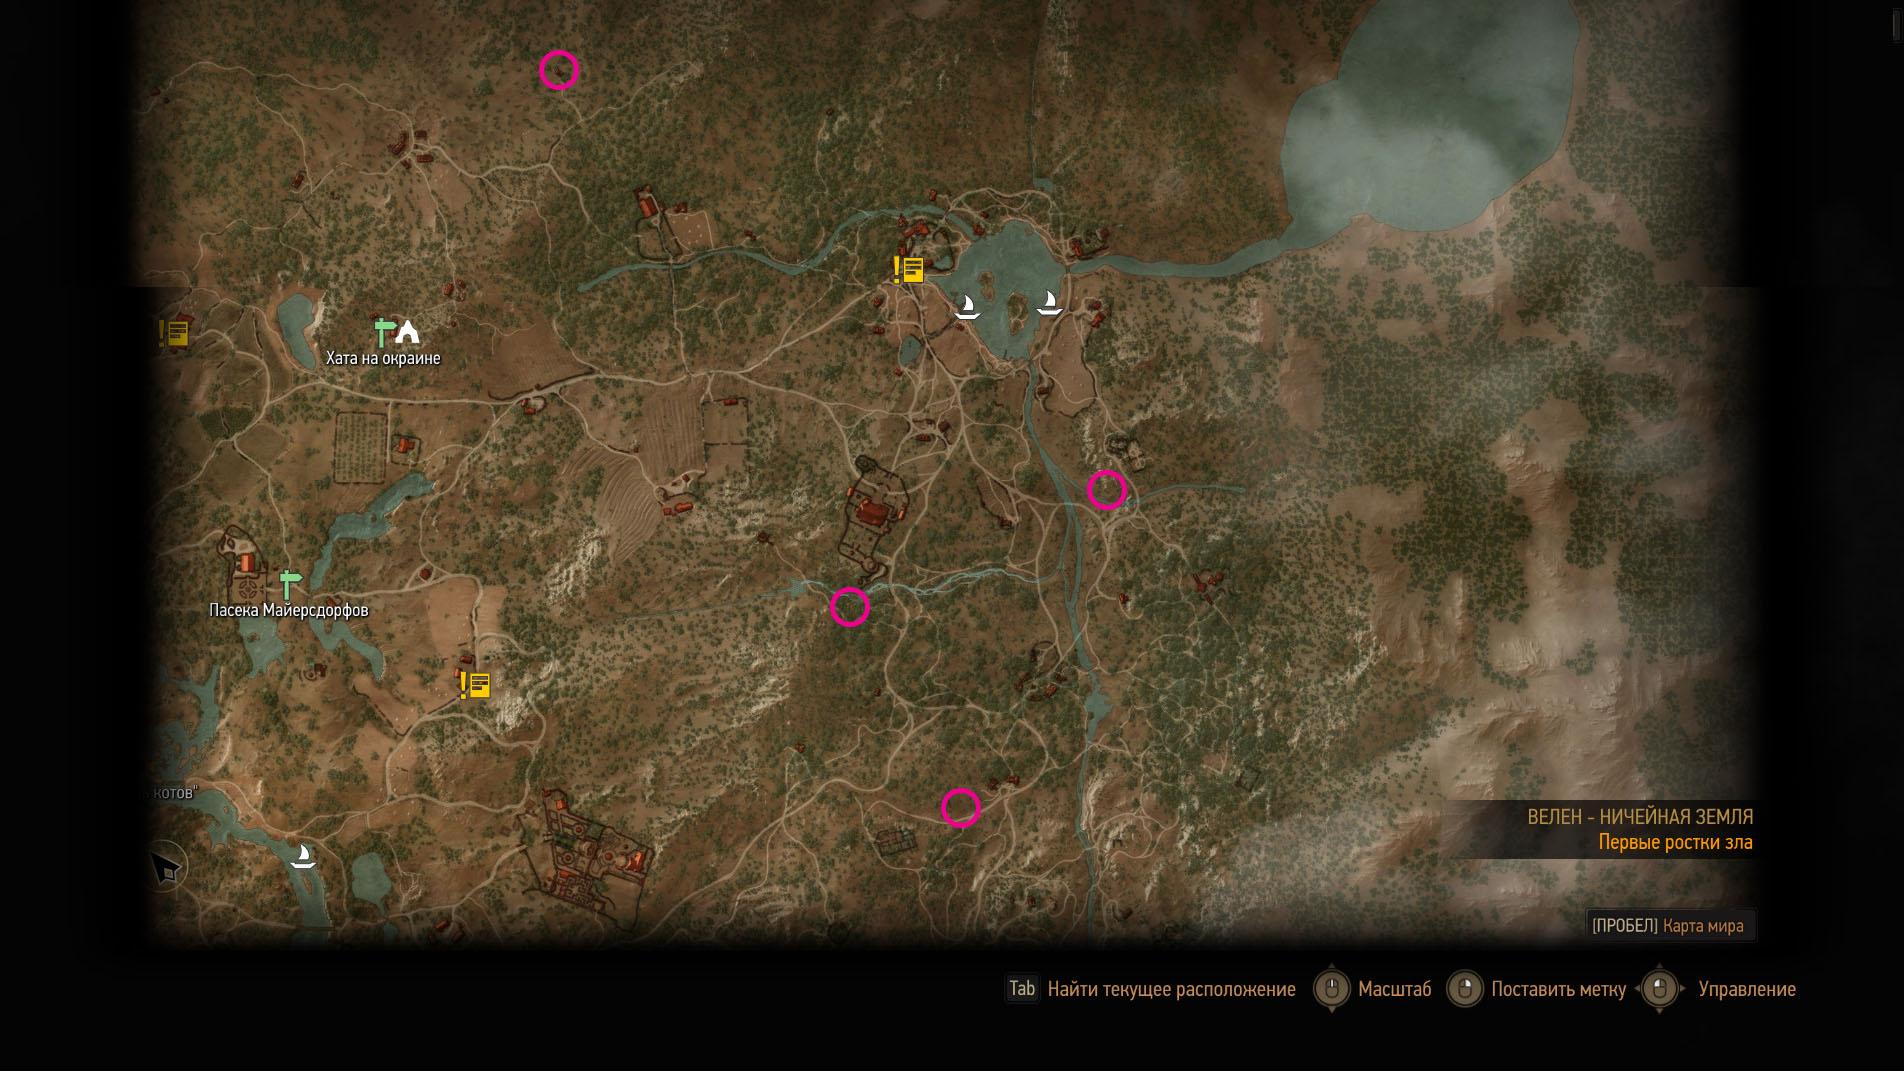 На карте отмечены 4 бандитских лагеря в которых находятся чертежи Офирских доспехов